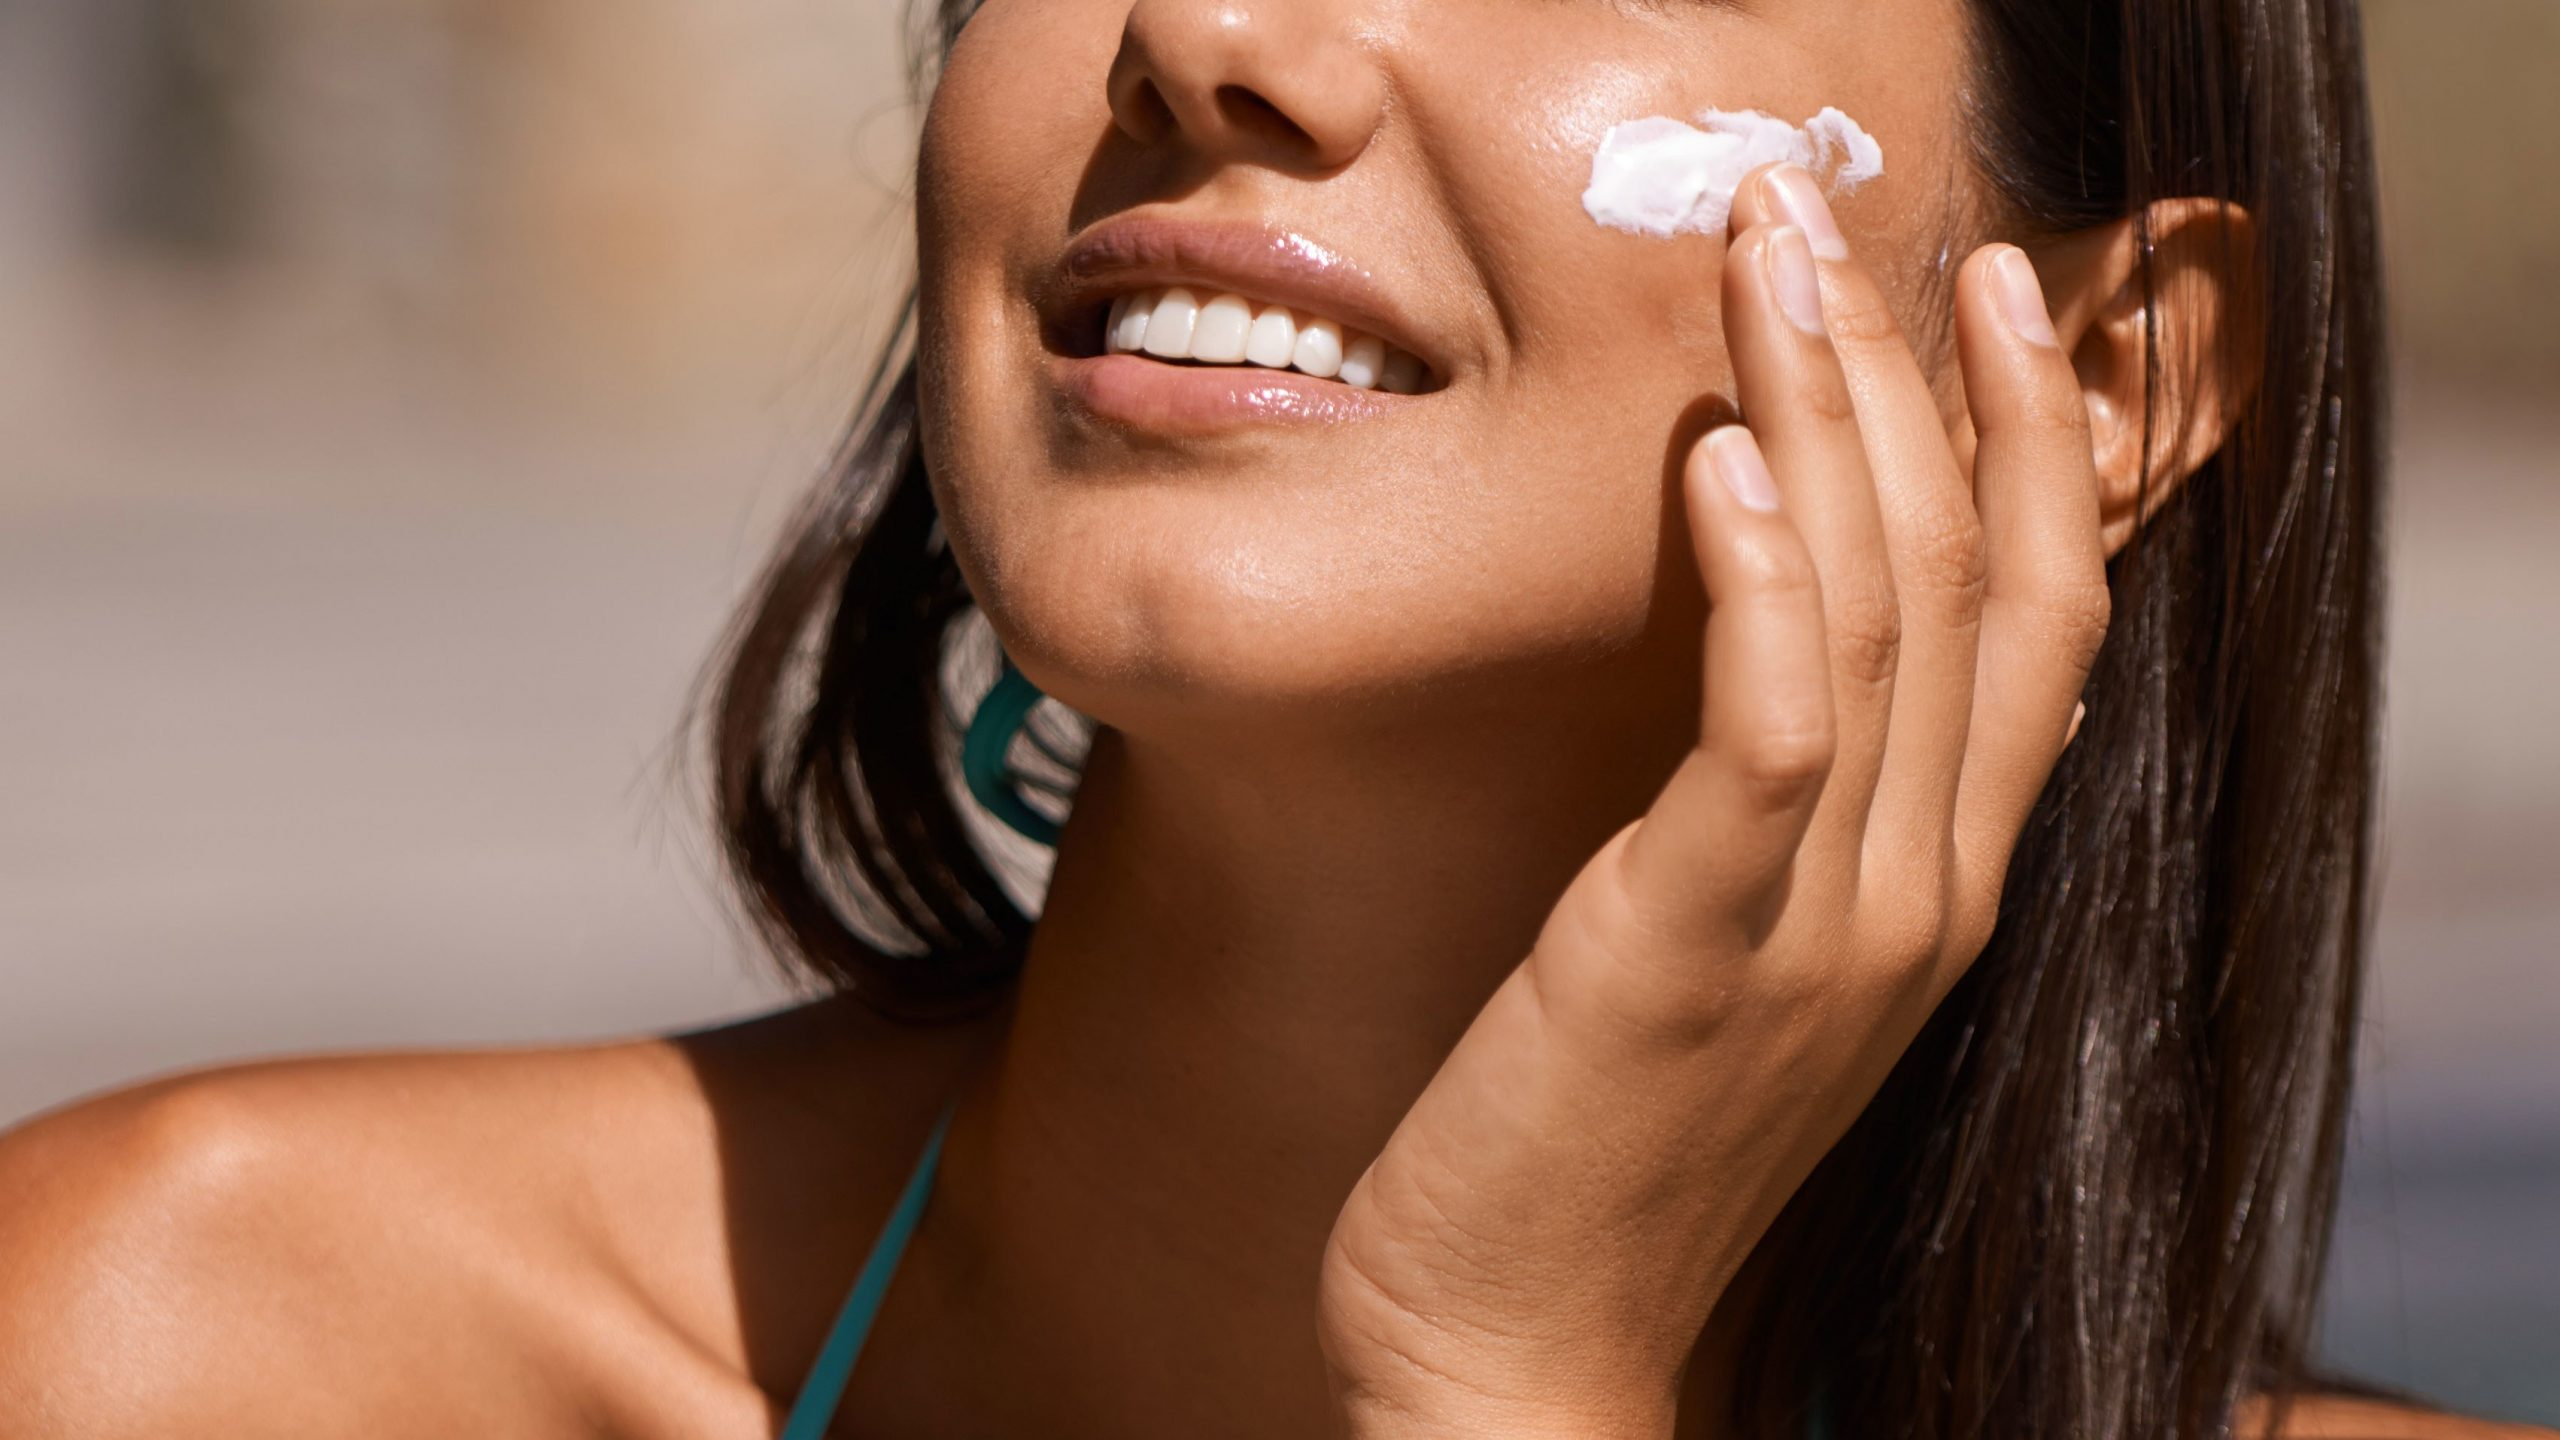 Sa krem kundër diellit duhet të vendosni në fytyrë?